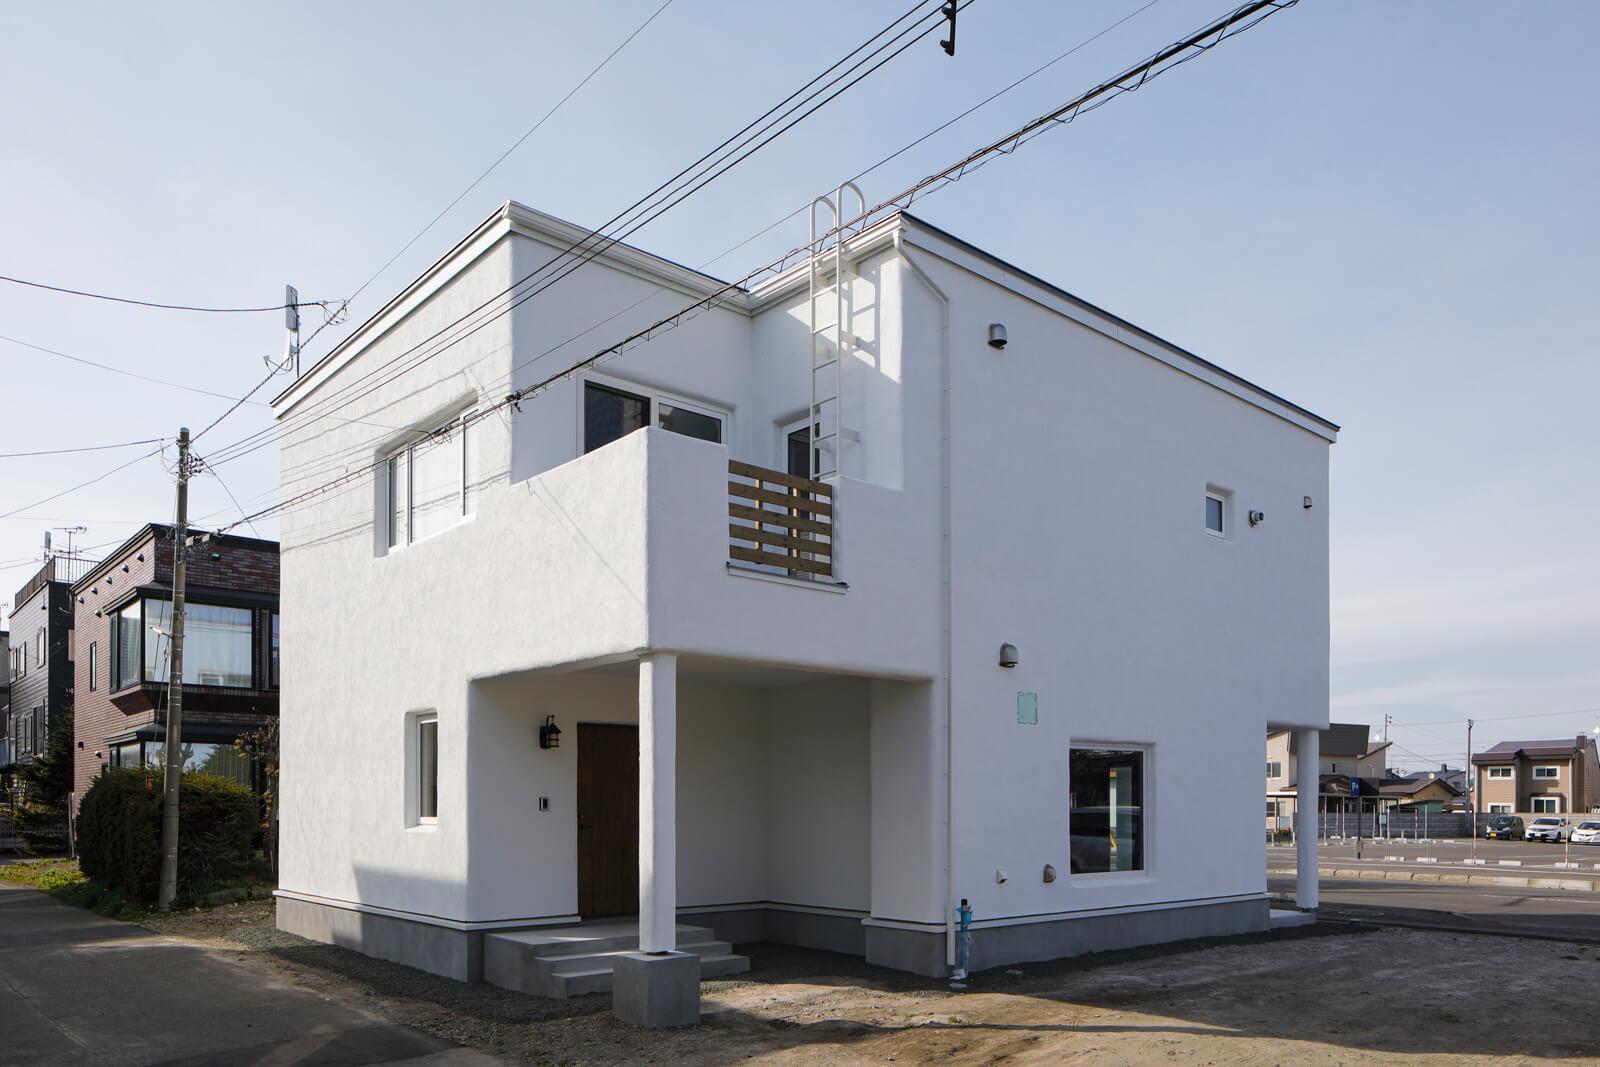 Aさん宅の外壁は真っ白なモルタルアート仕上げ。外観は玄関上のバルコニーが特徴的